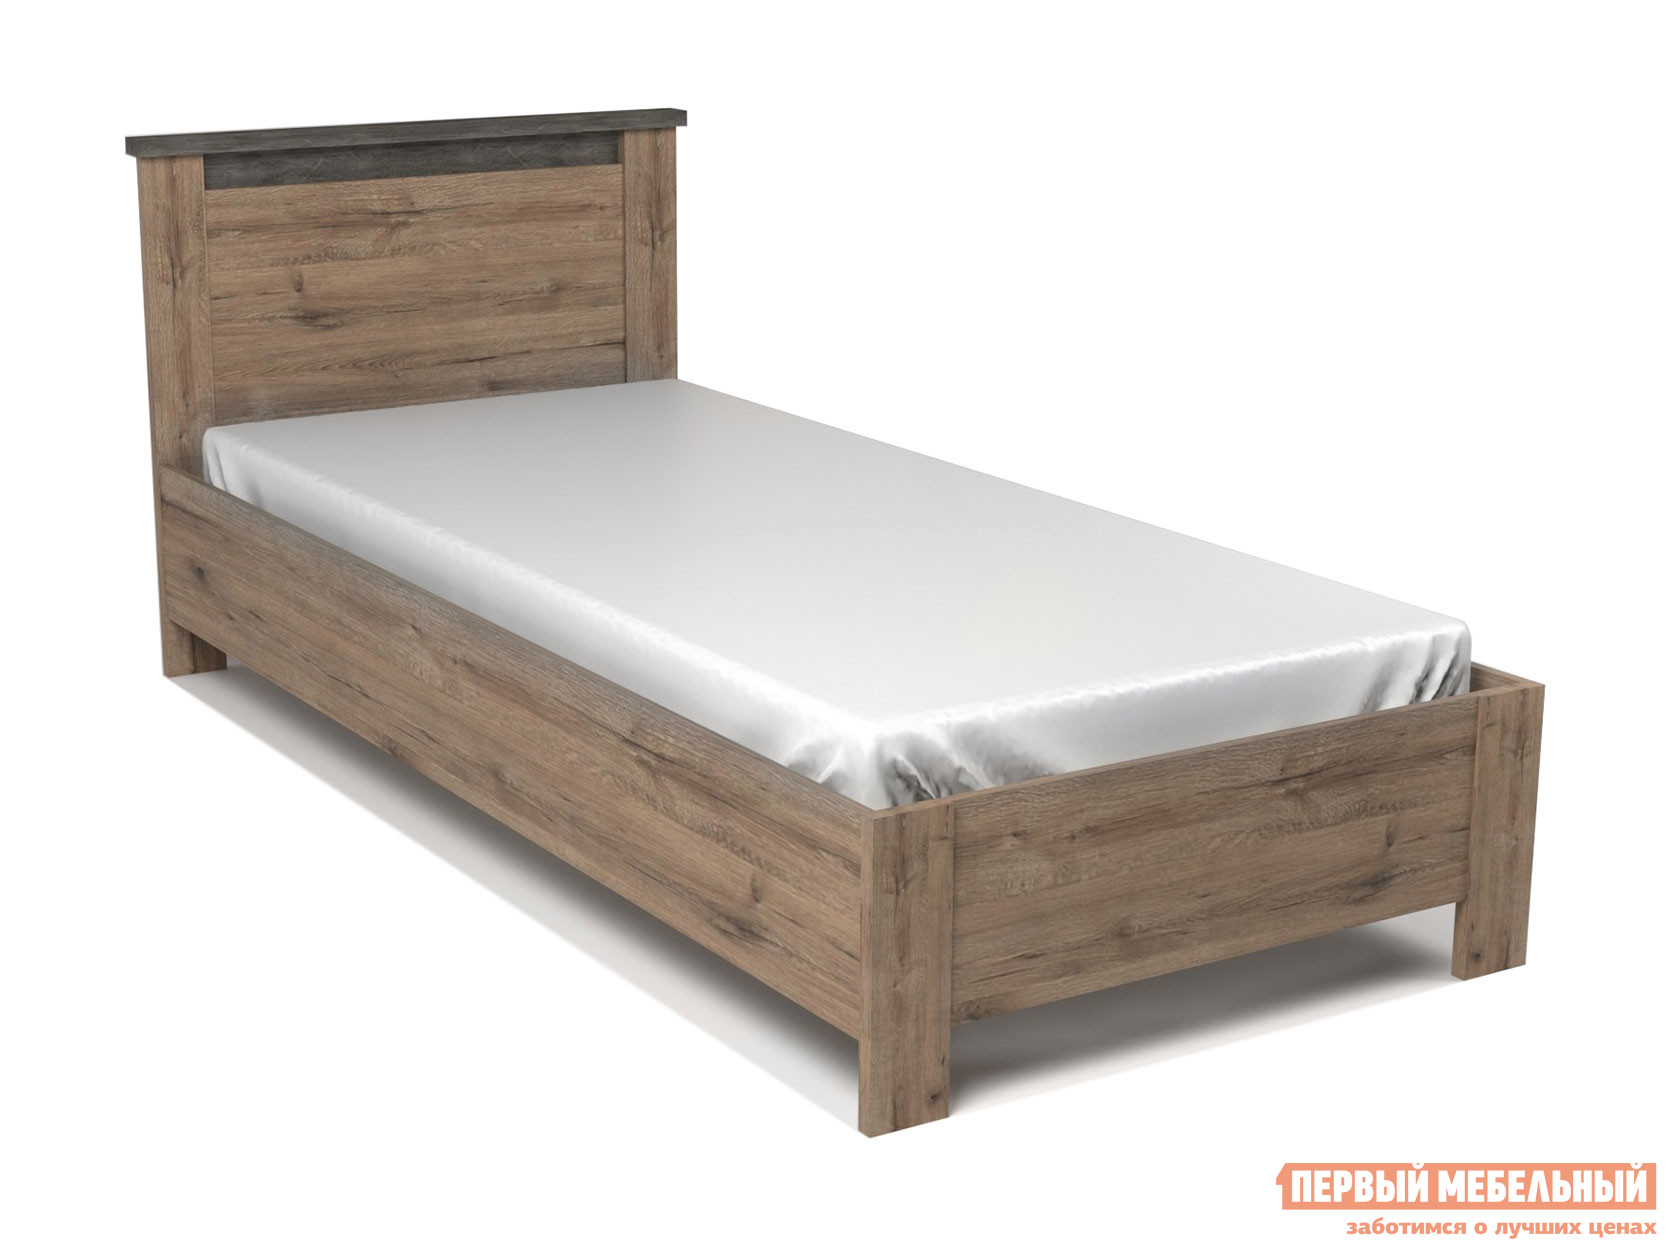 Односпальная кровать  Кровать Денвер 90х200 Дуб веллингтон / Камень темный, С основанием